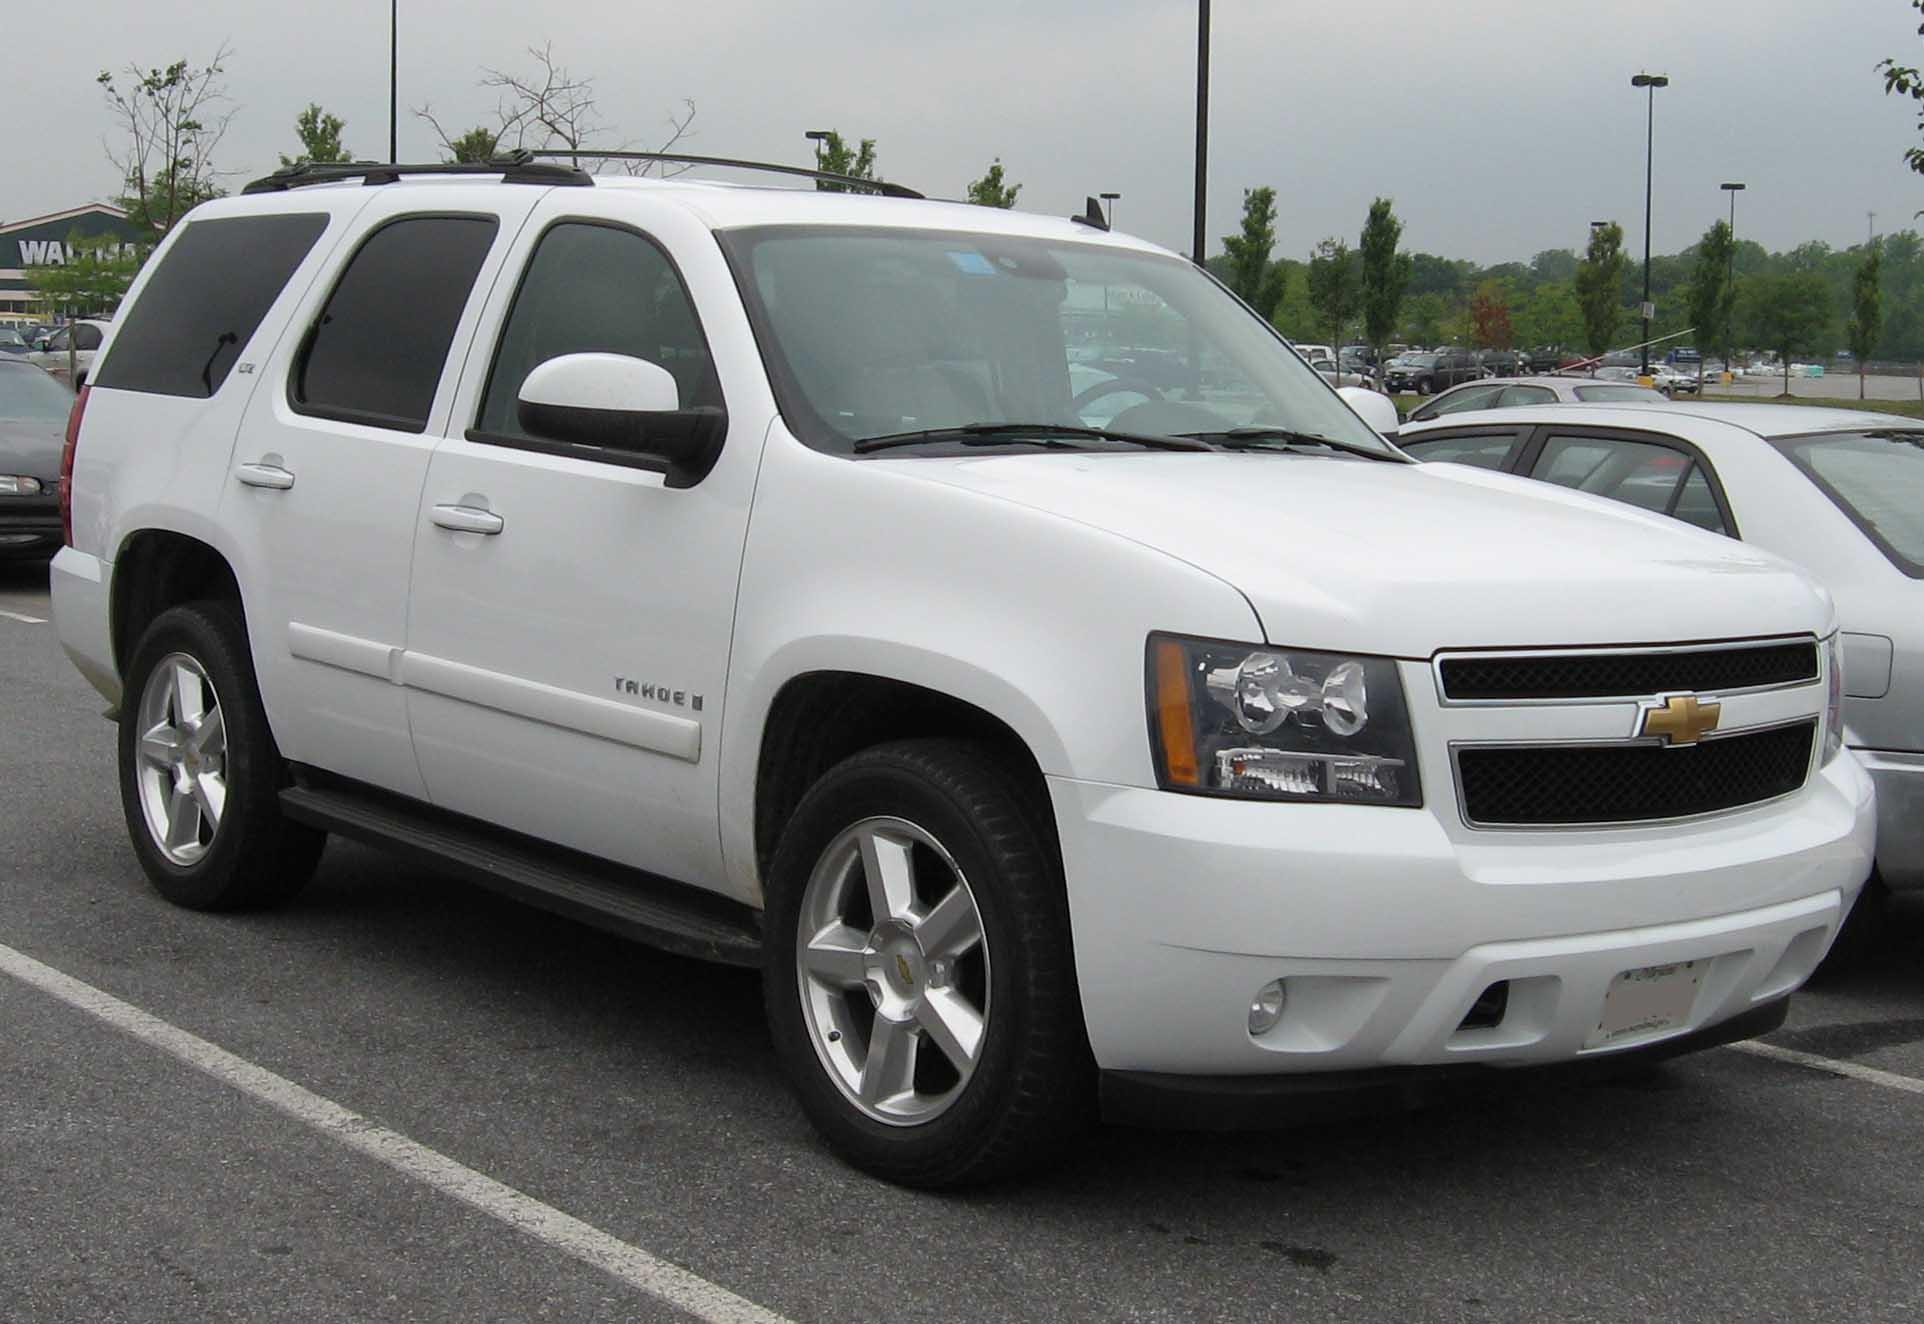 Chevrolet tahoe photo 02